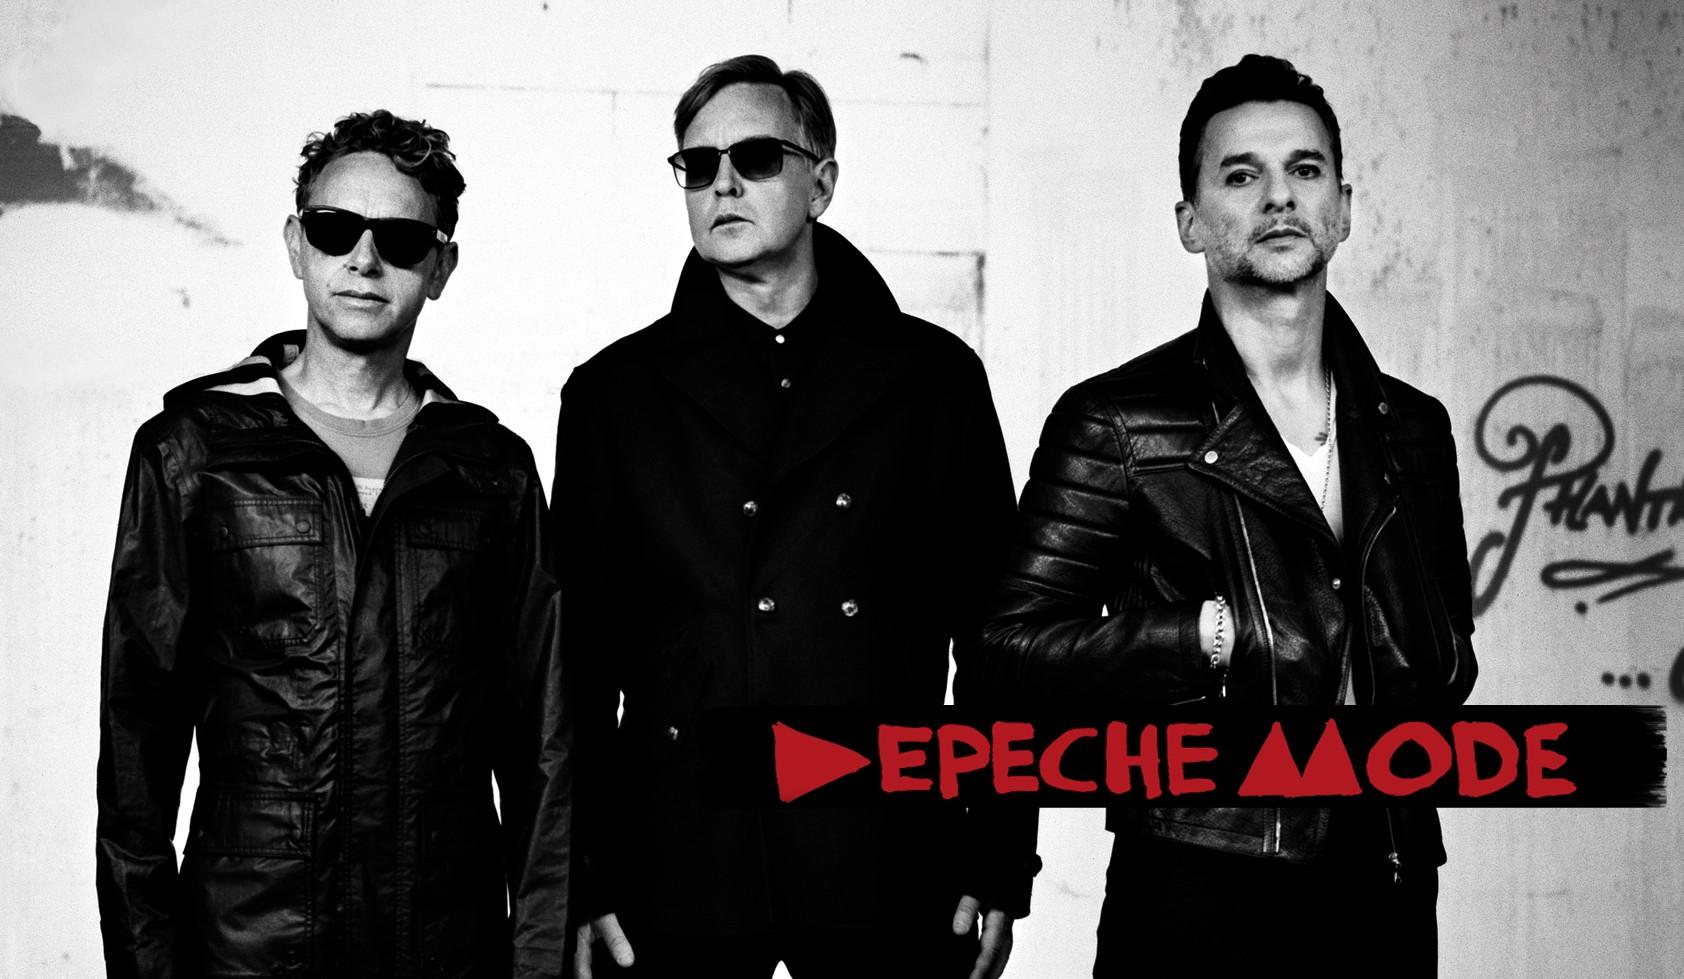 17 Mayıs 2013: Günlerden Depeche Mode..